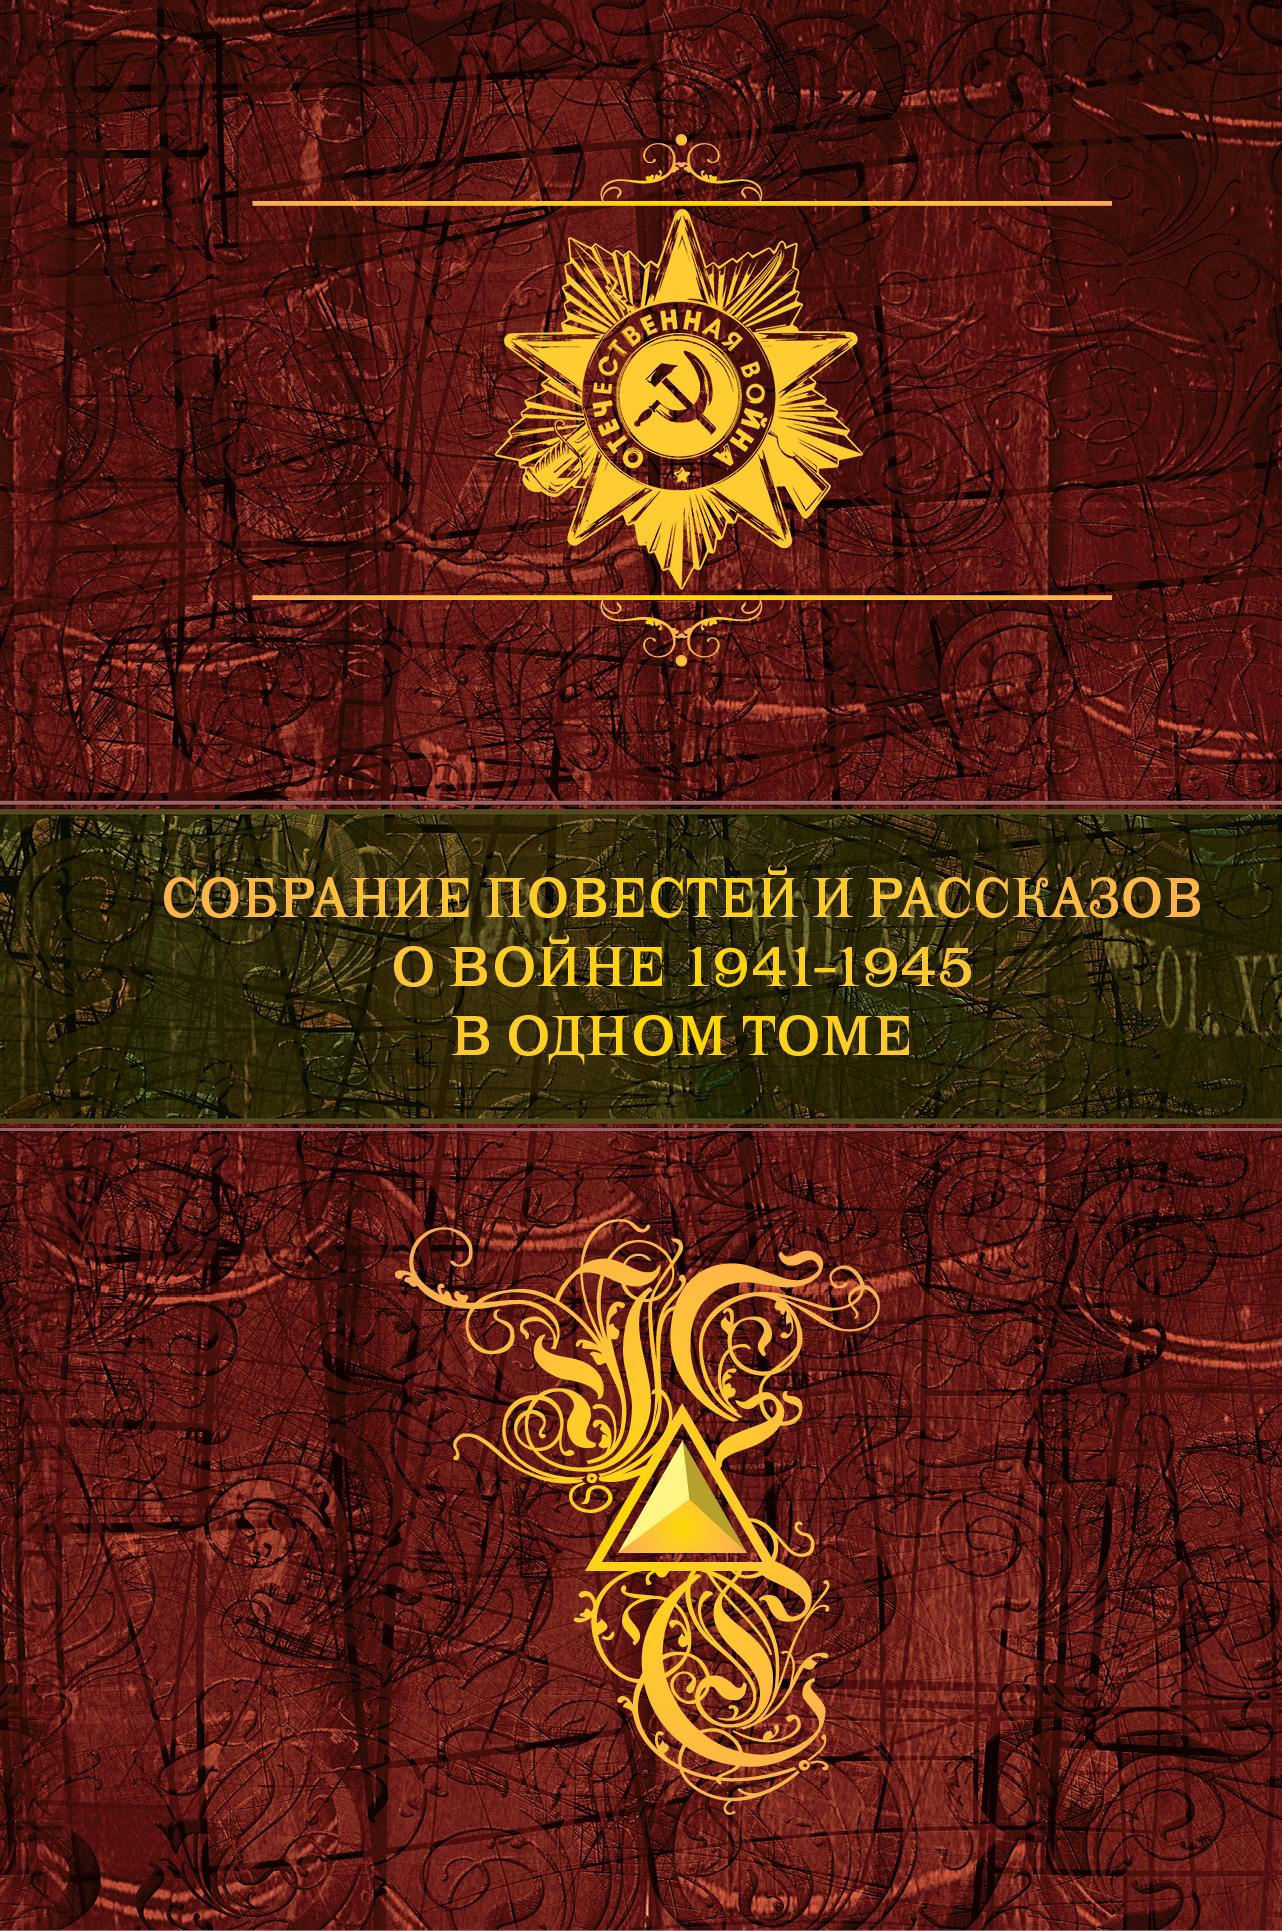 Собрание повестей и рассказов о войне 1941-1945 в одном томе